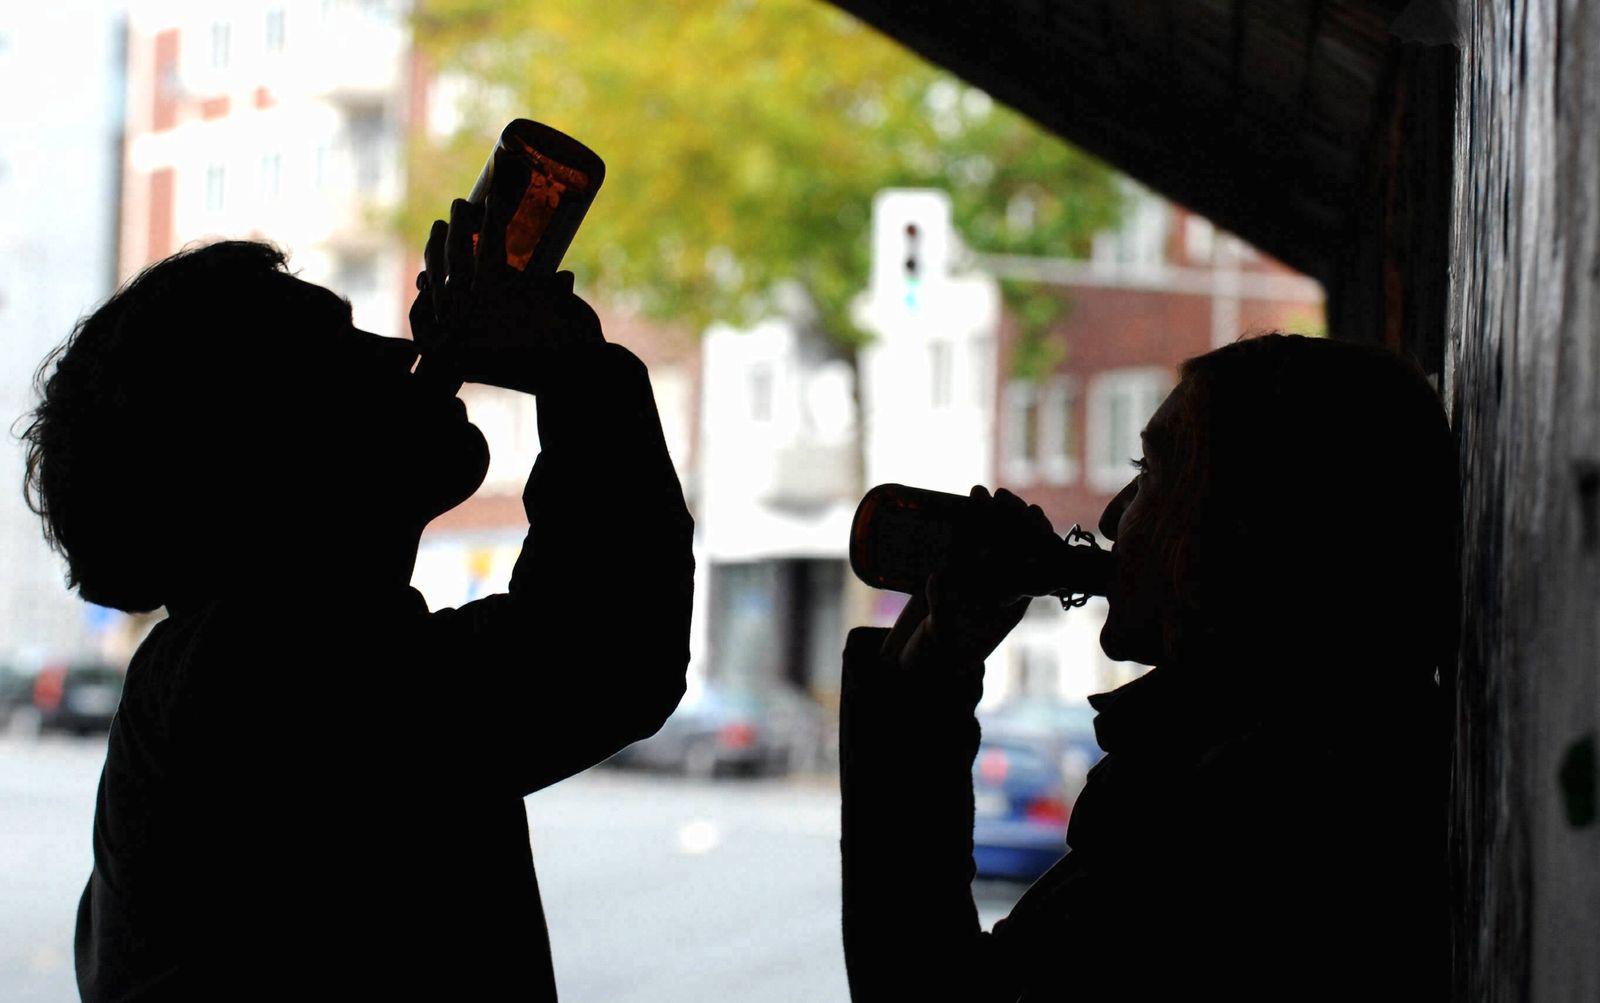 NICHT VERWENDEN Jugendliche / Alkohol